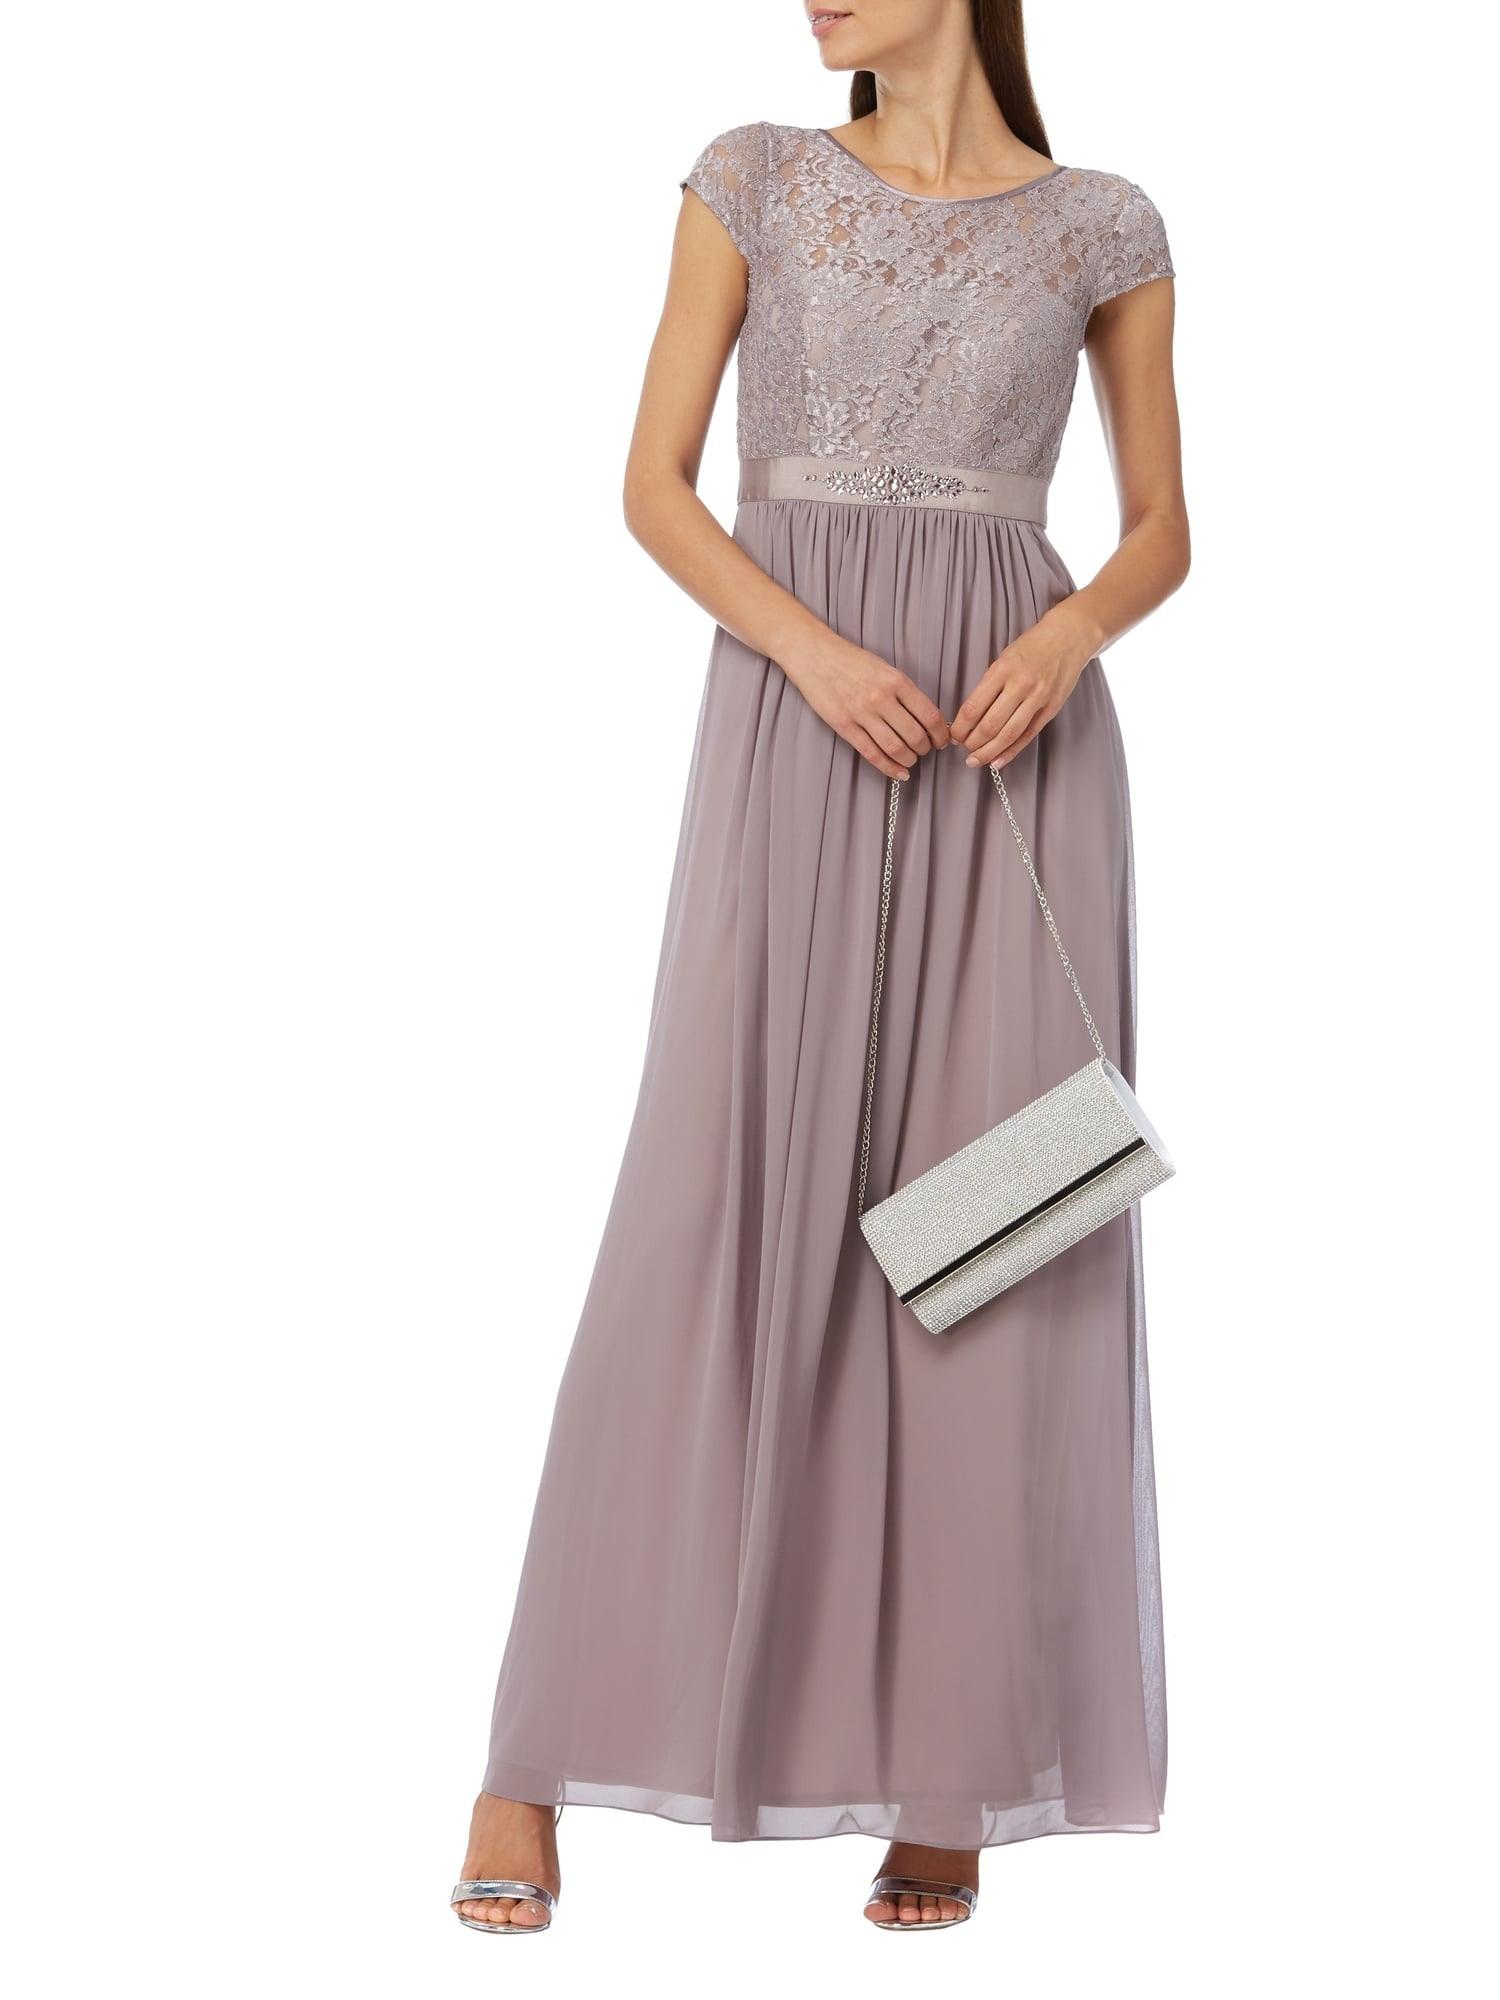 13 Perfekt Abendkleider Willhaben SpezialgebietFormal Cool Abendkleider Willhaben Bester Preis